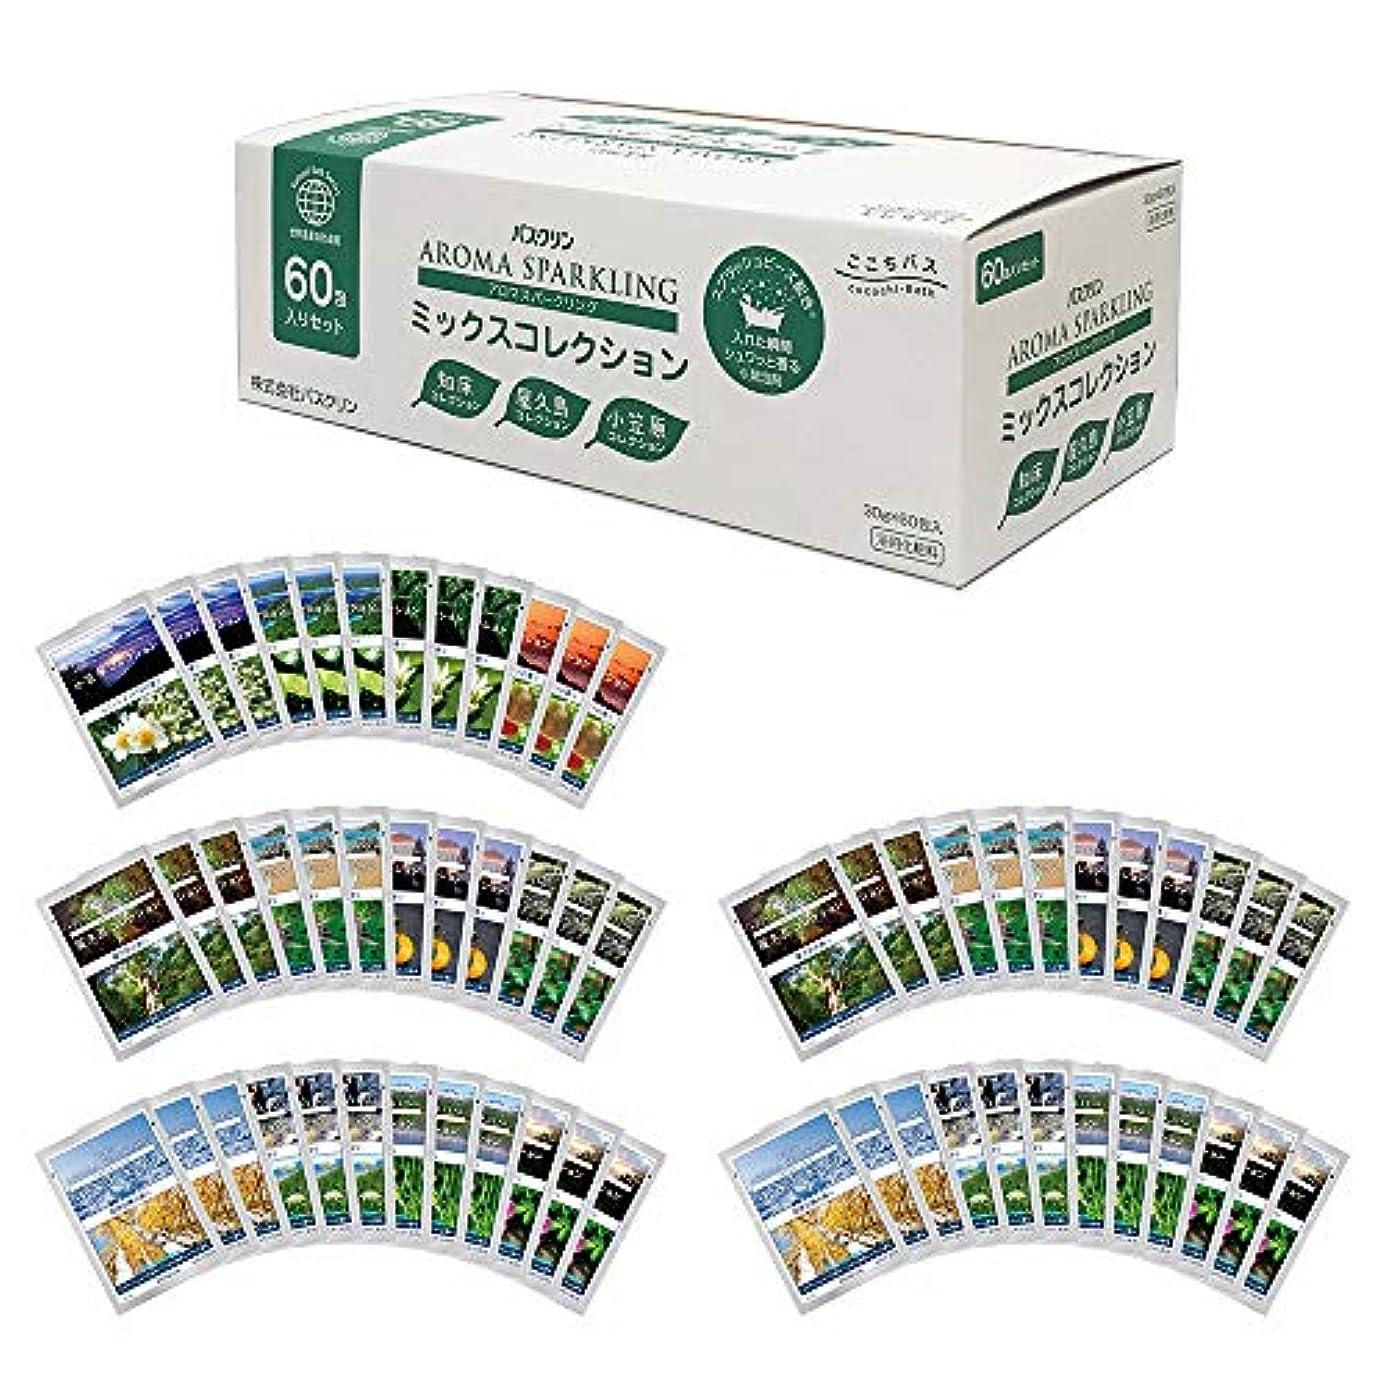 概要トライアスリートメタリック[Amazon限定ブランド] ここちバス バスクリン 入浴剤  アロマスパークリング ミックスコレクション 60包入り 個包装 詰め合わせ